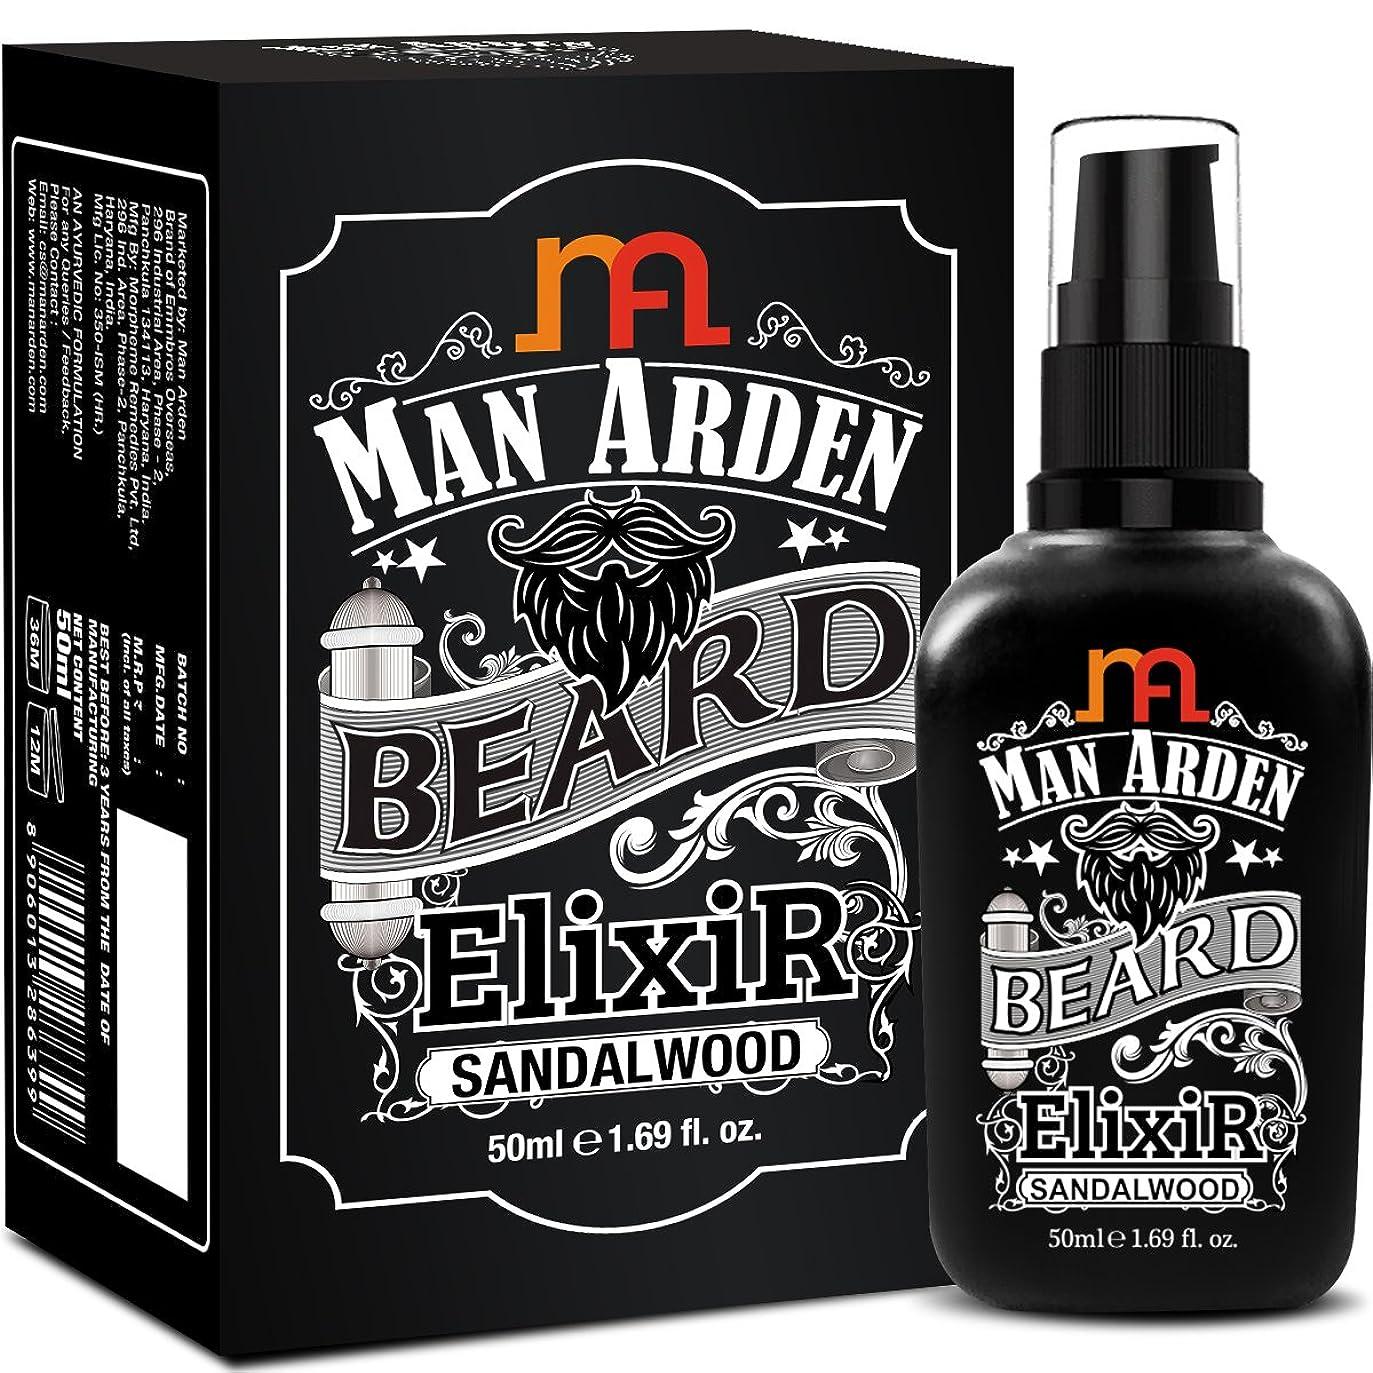 サーバ検査官包囲Man Arden Beard Elixir Oil 50ml (Sandalwood) - 7 Oils Blend For Beard Repair, Growth & Nourishment8906013286399